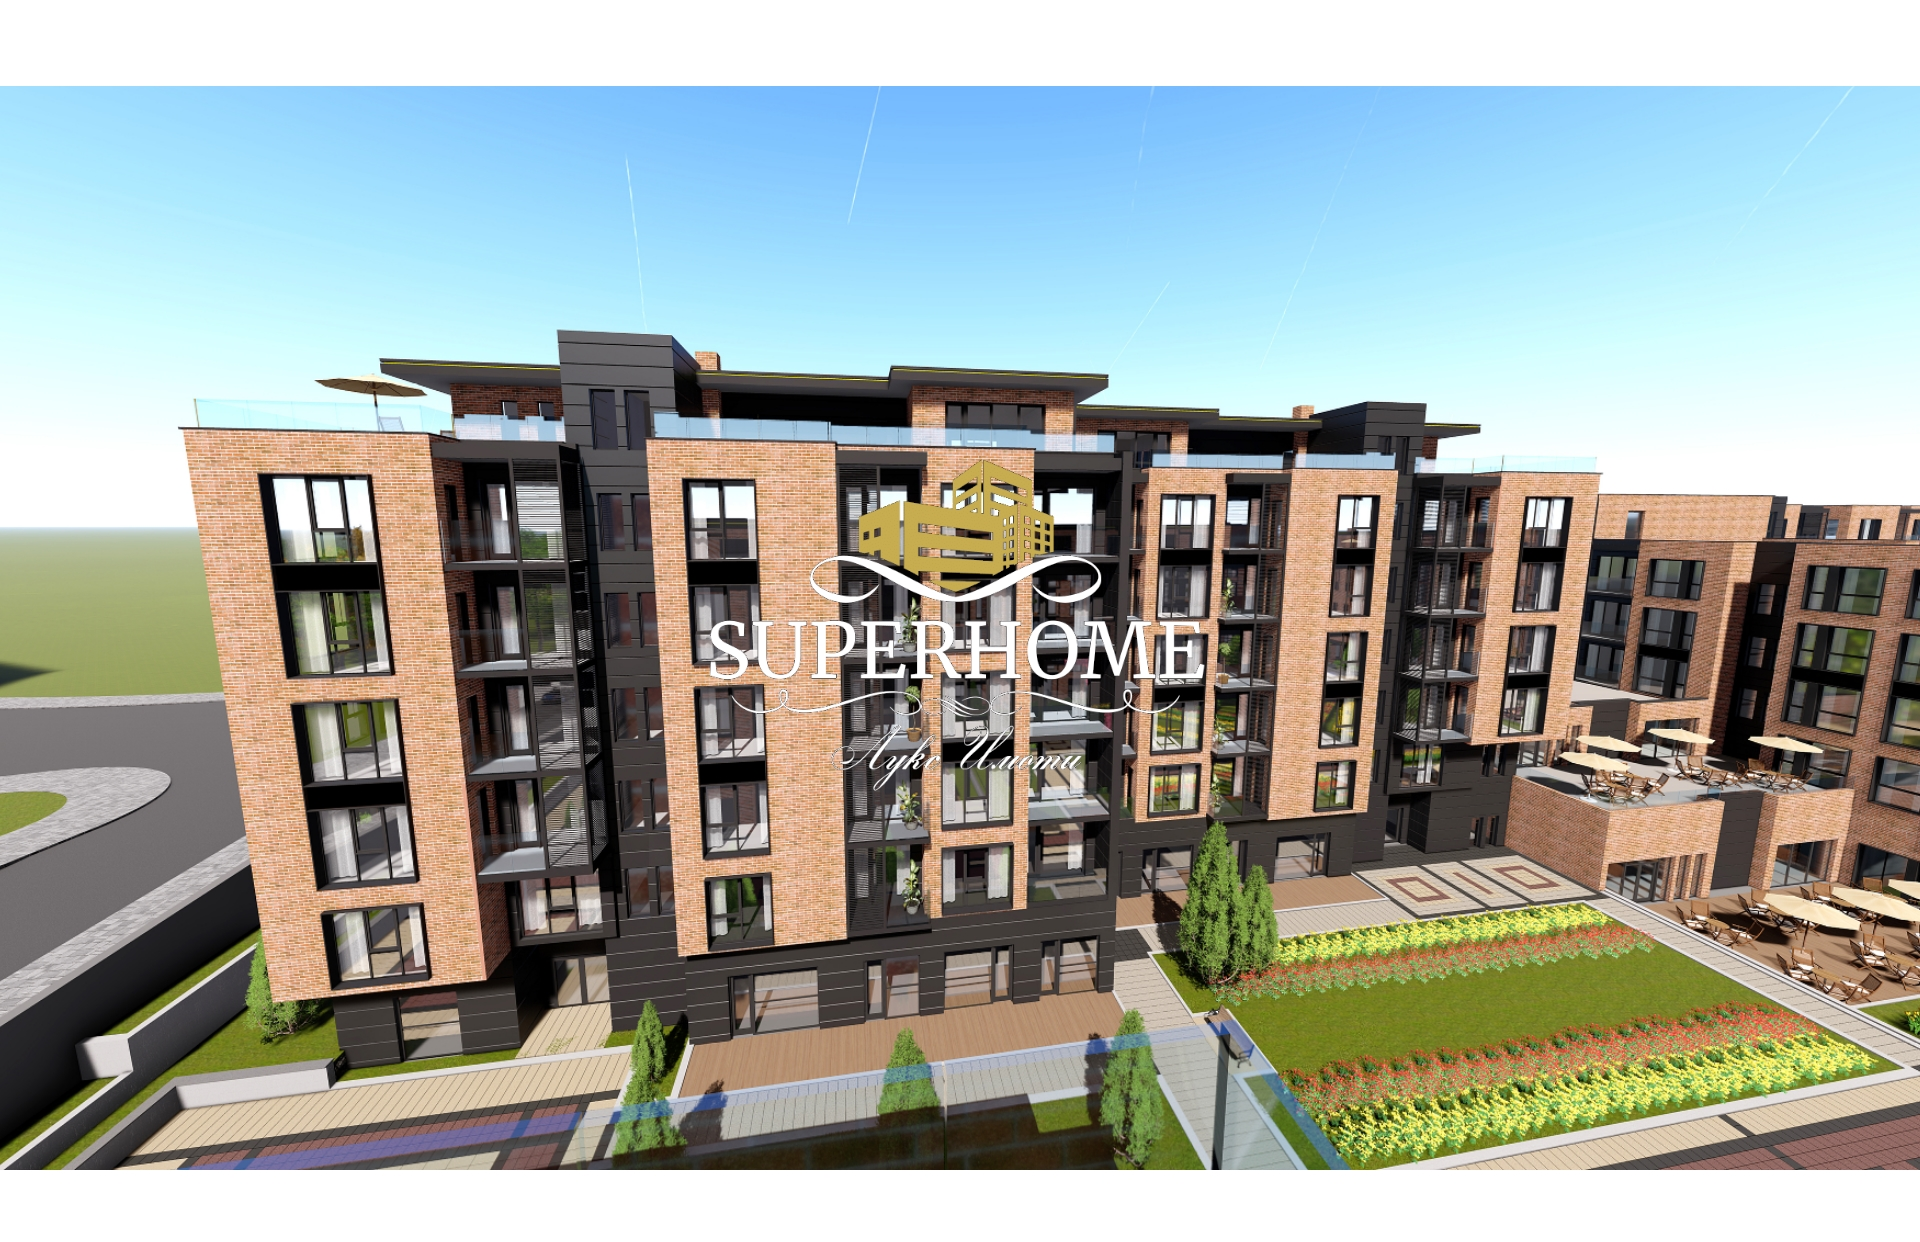 обяви за имоти, обяви имоти, продажба на апартаменти в софия, евтини имоти, имоти, недвижими имоти, imoti, продавам двустаен апартамент, продавам тристаен апартамент,